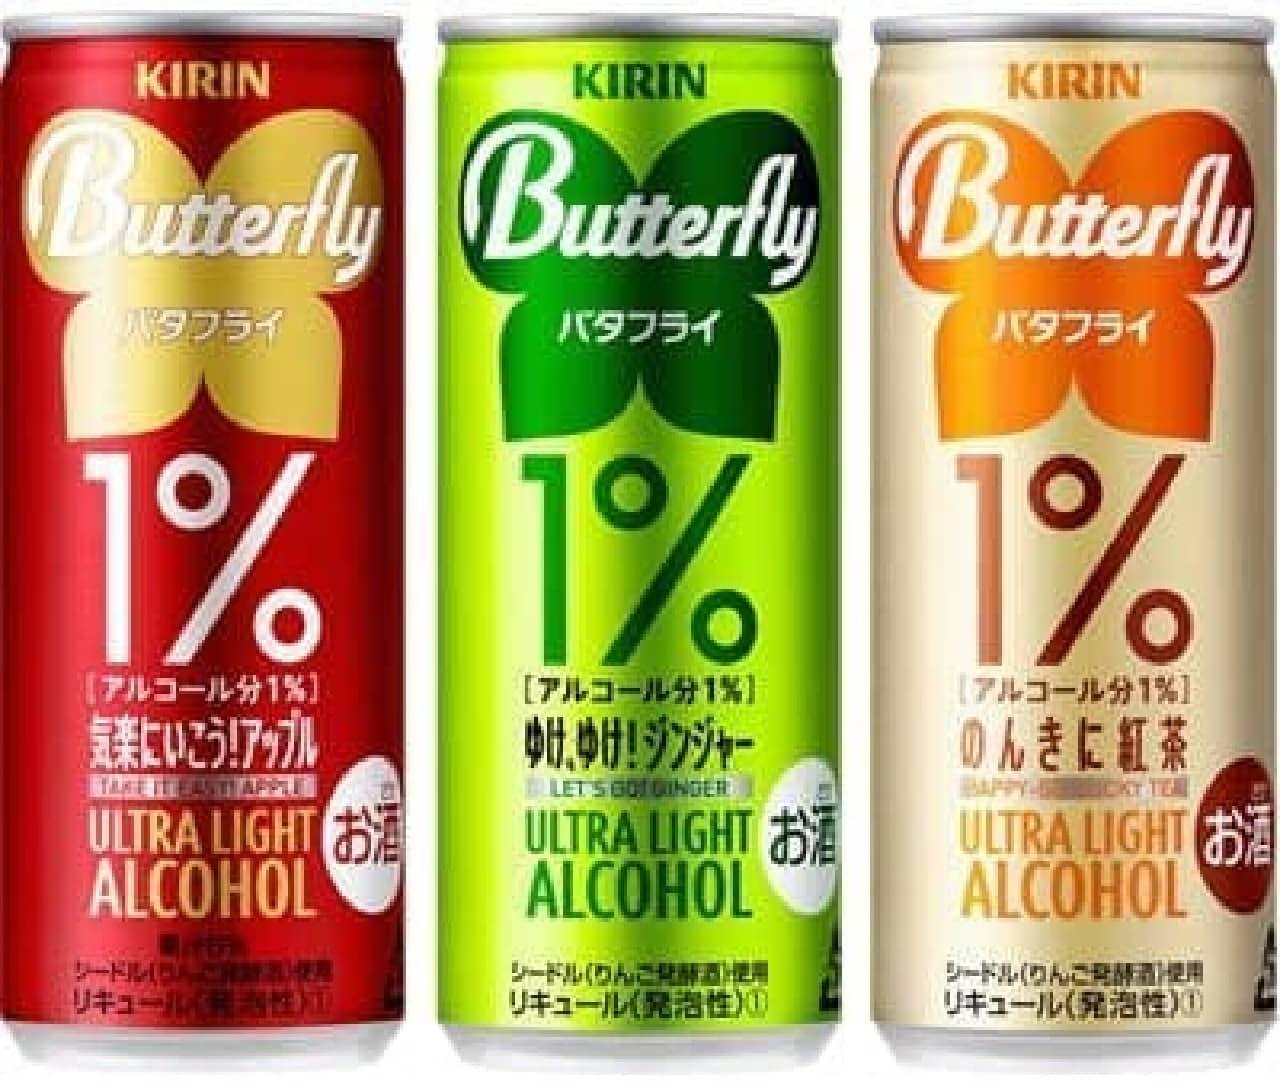 アルコール1%の「キリン バタフライ」。その名前がなんだか素敵